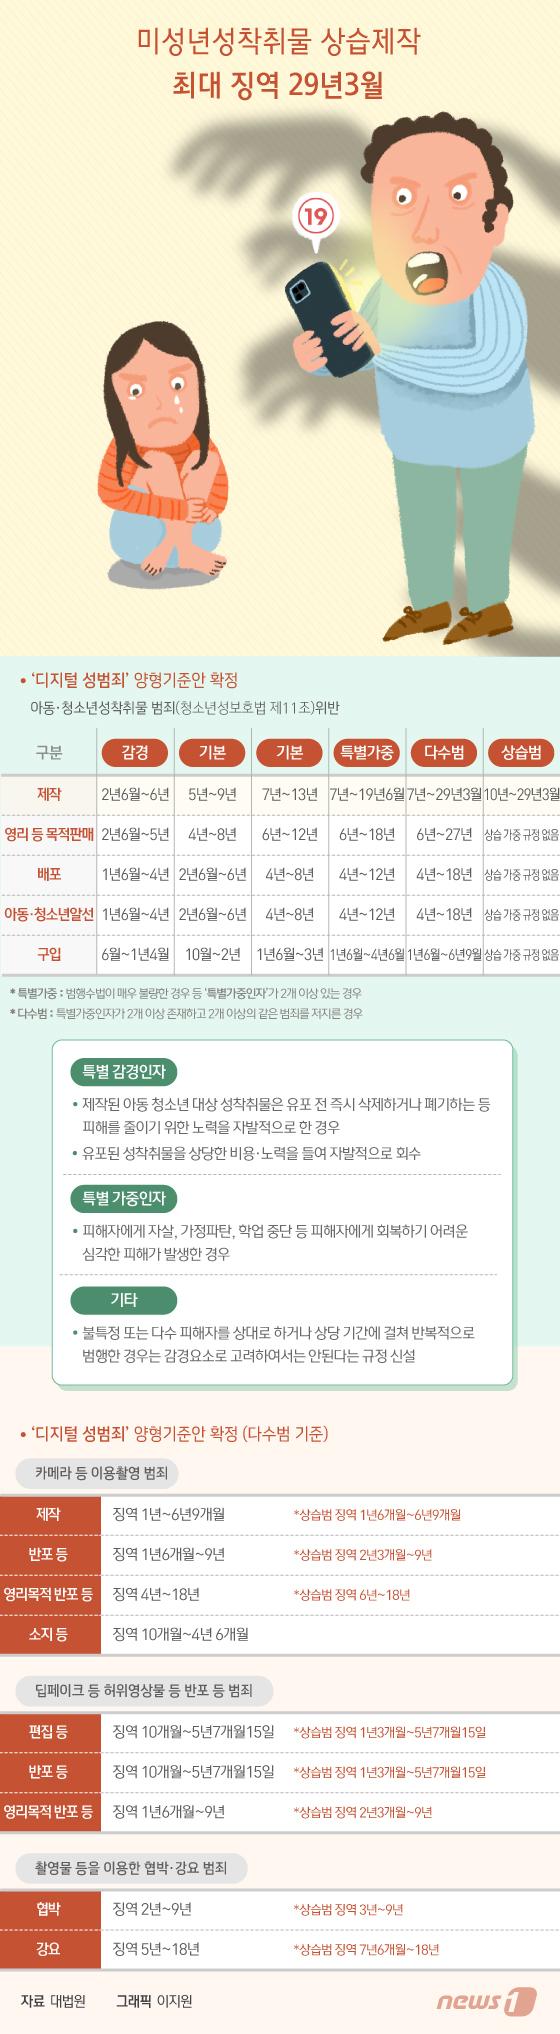 [그래픽뉴스] 미성년 성착취물 상습제작 최대 징역 29년3월